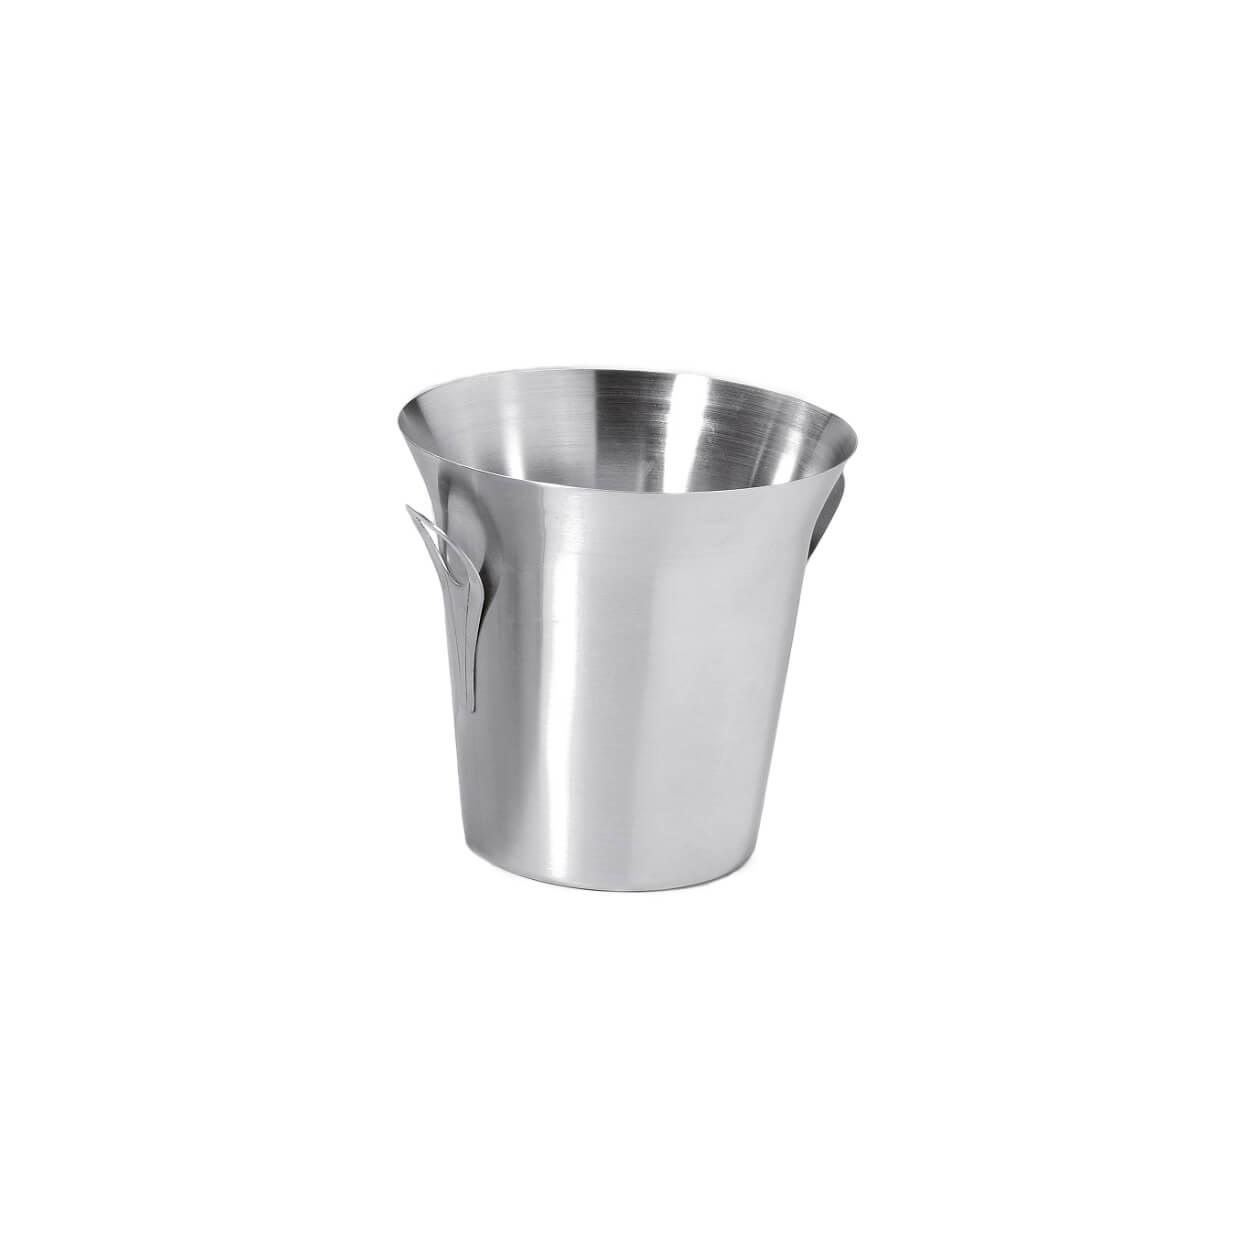 ΚΟΥΒΑΔΑΚΙ ΠΑΓΟΥ, ΣΕΙΡΑ «TULIP» 11,5×11,5εκ